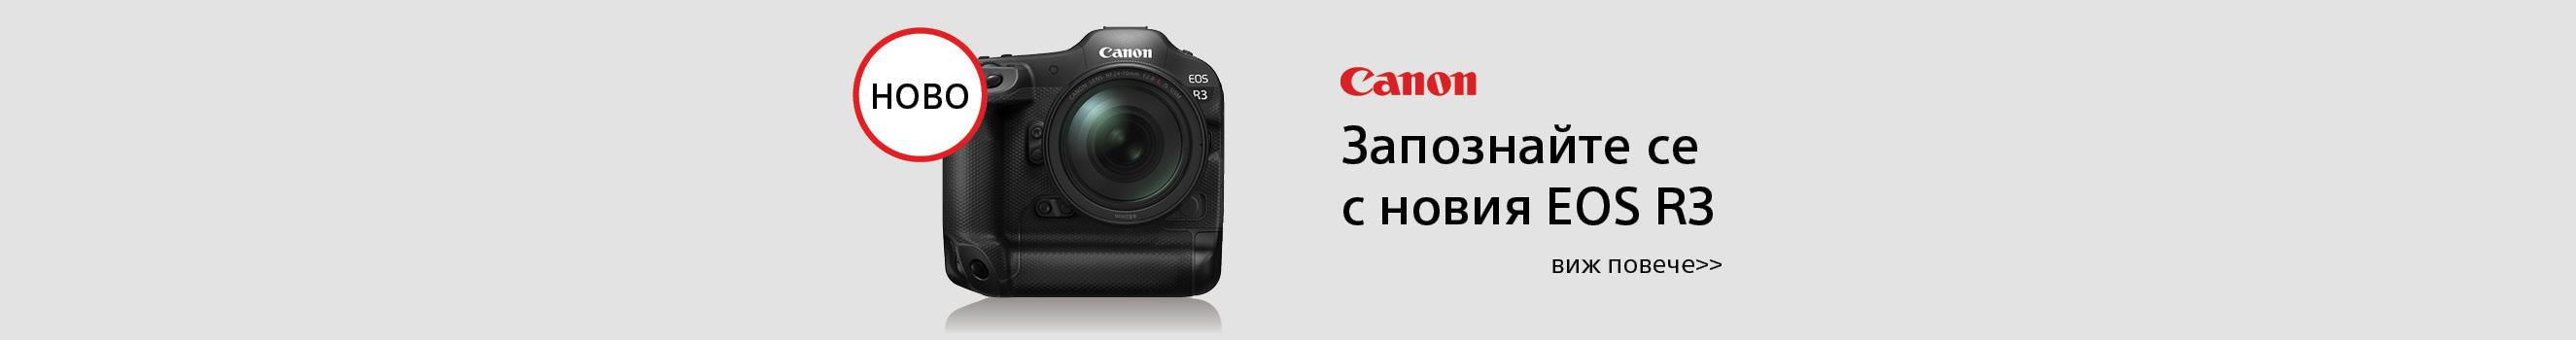 Canon EOS R3 - новият фотоапарат в магазини ФотоСинтезис